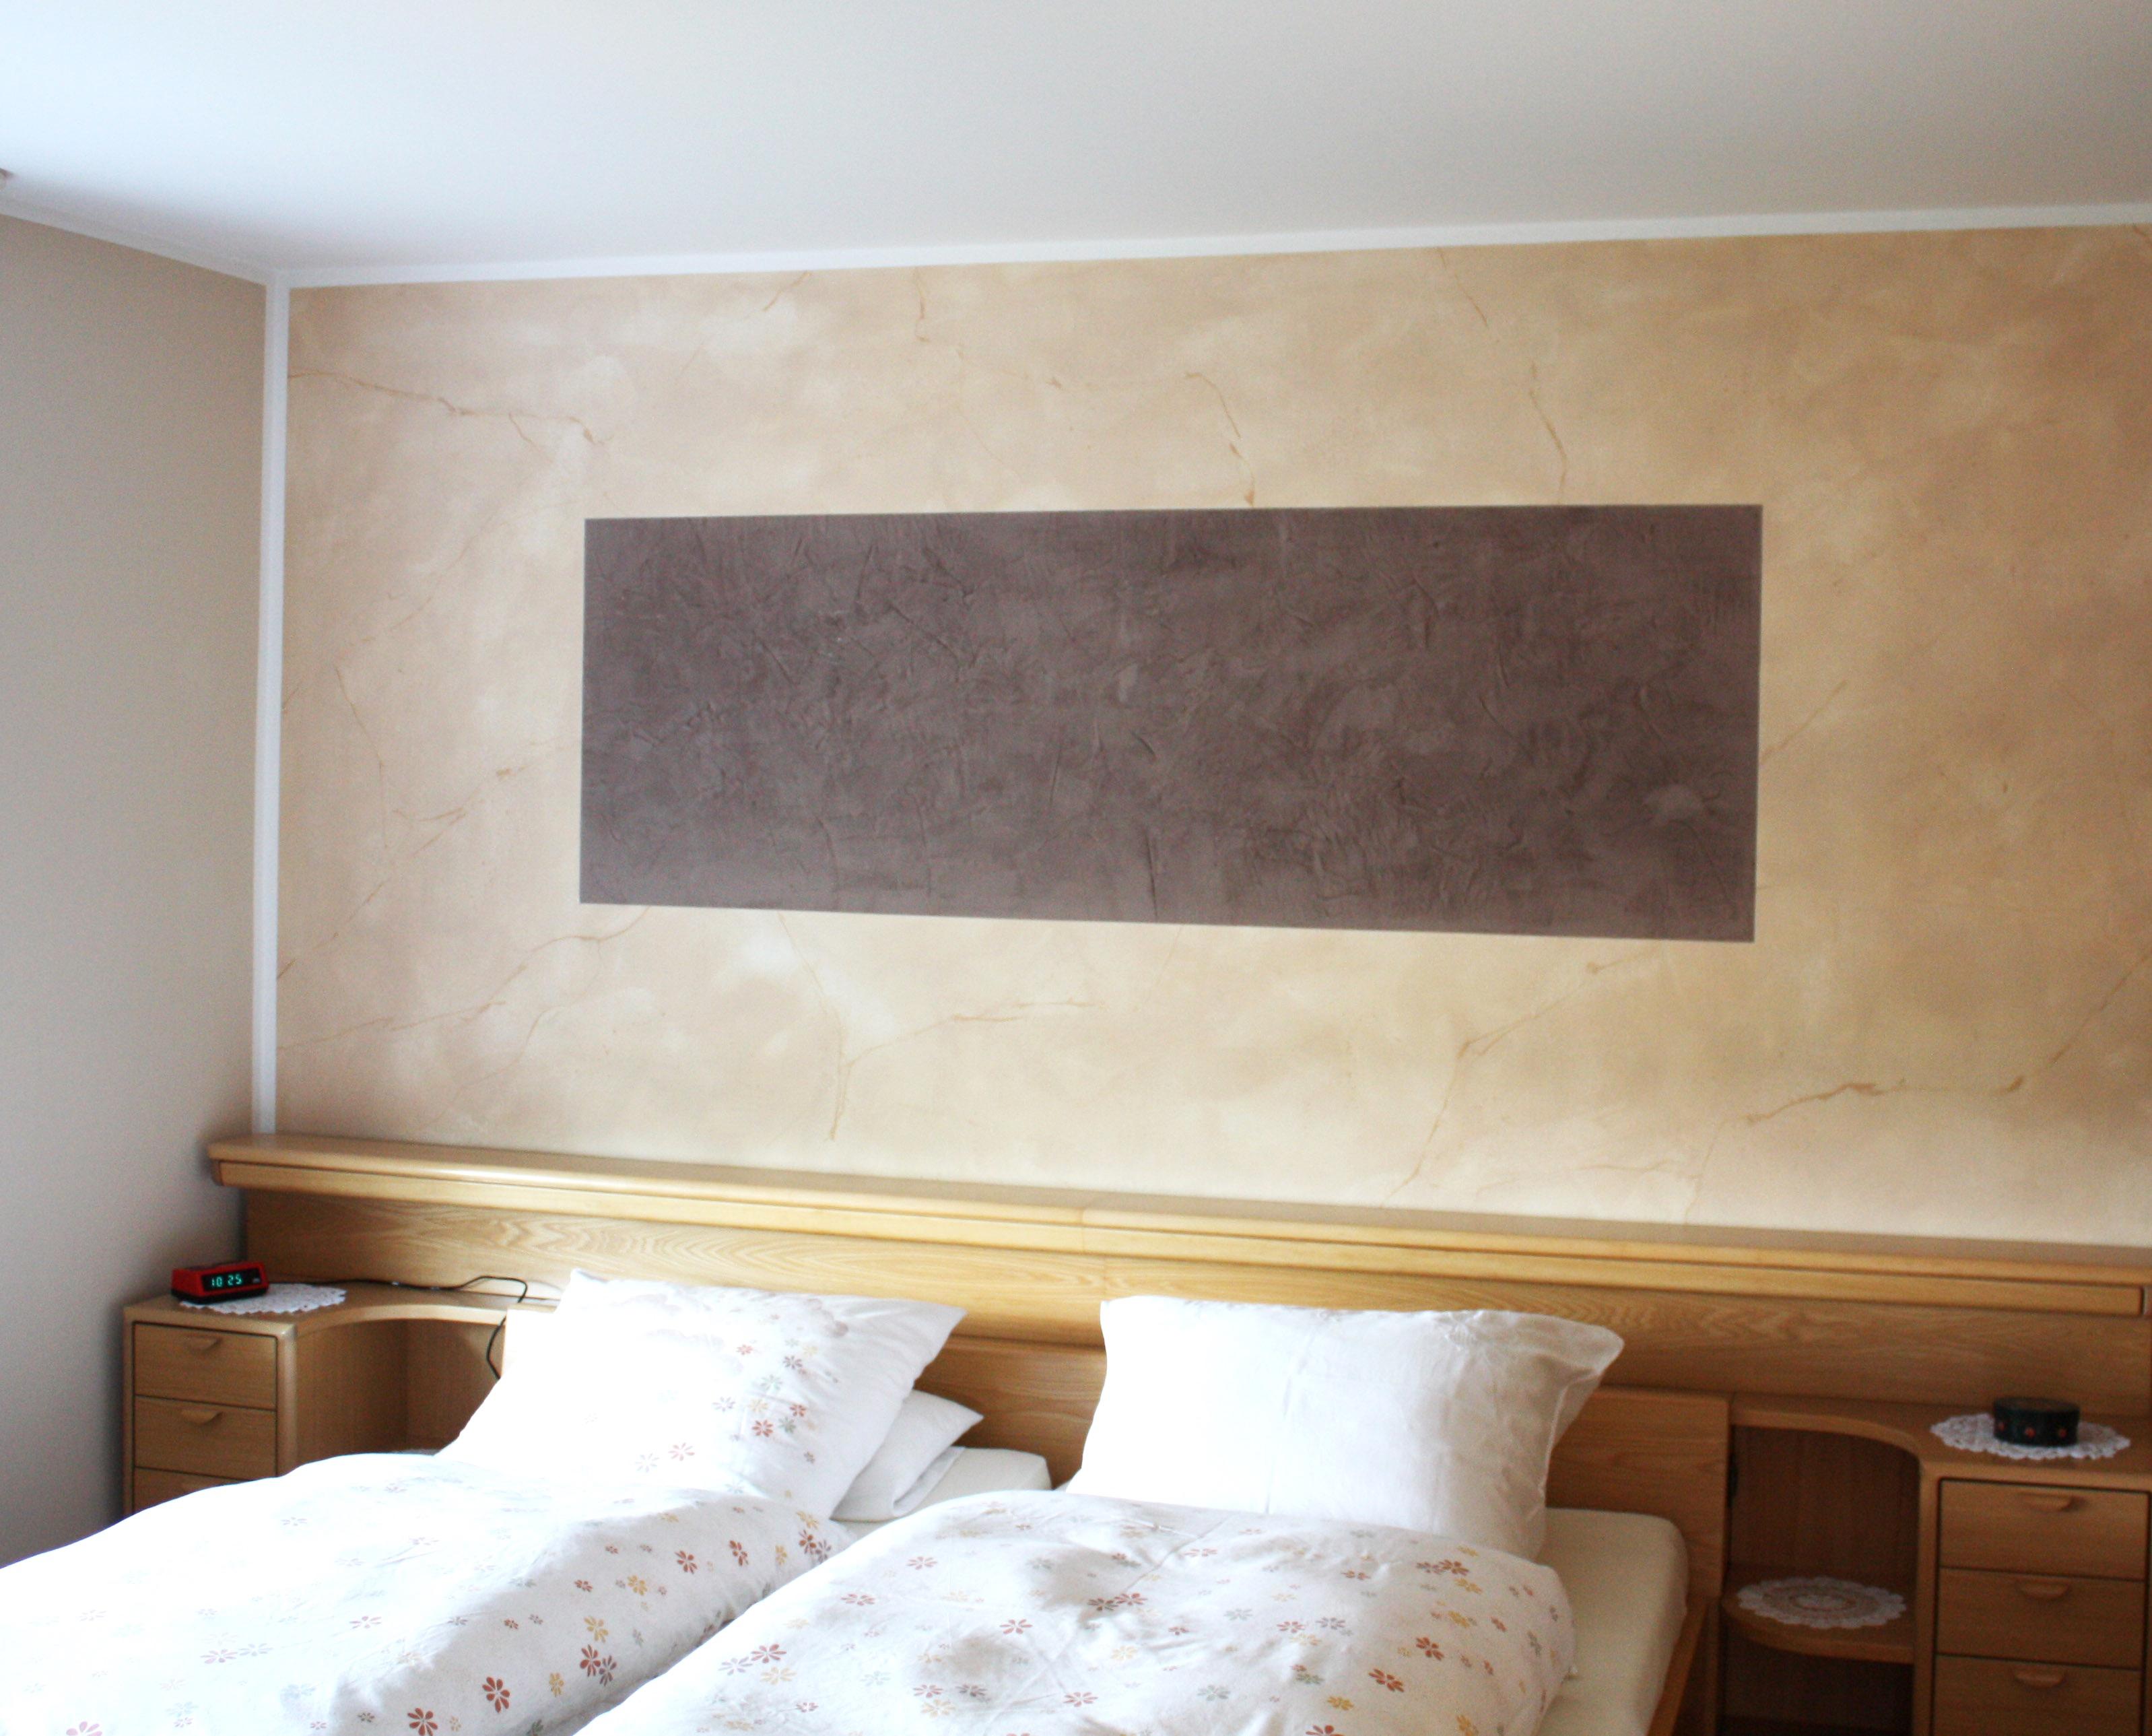 Wandgestaltung Farbe Exquisit On Andere Und Für Innen Aussen Architektur Linie Farben 5